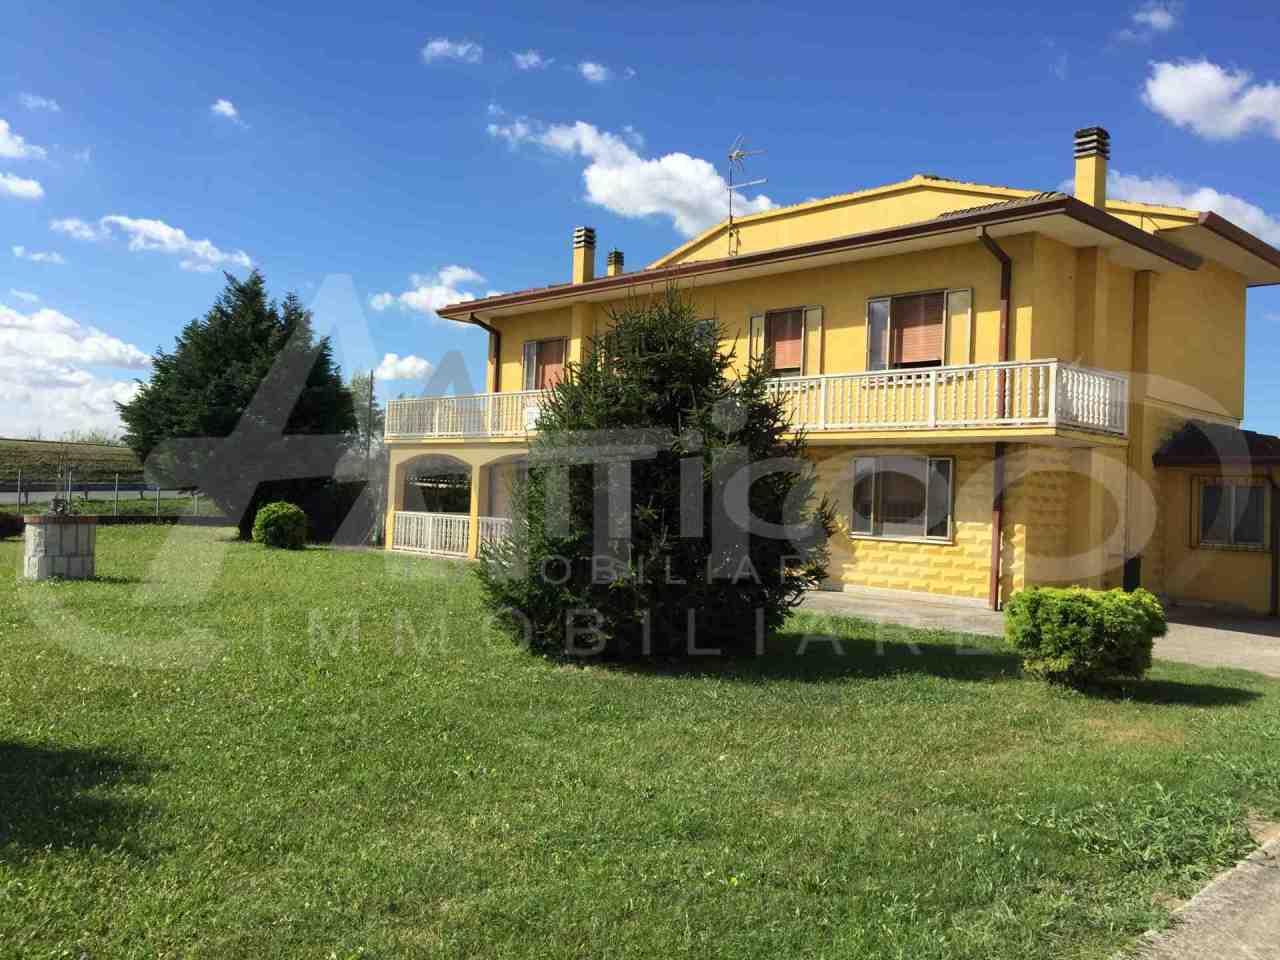 Casa Indipendente in vendita Rif. 4169602